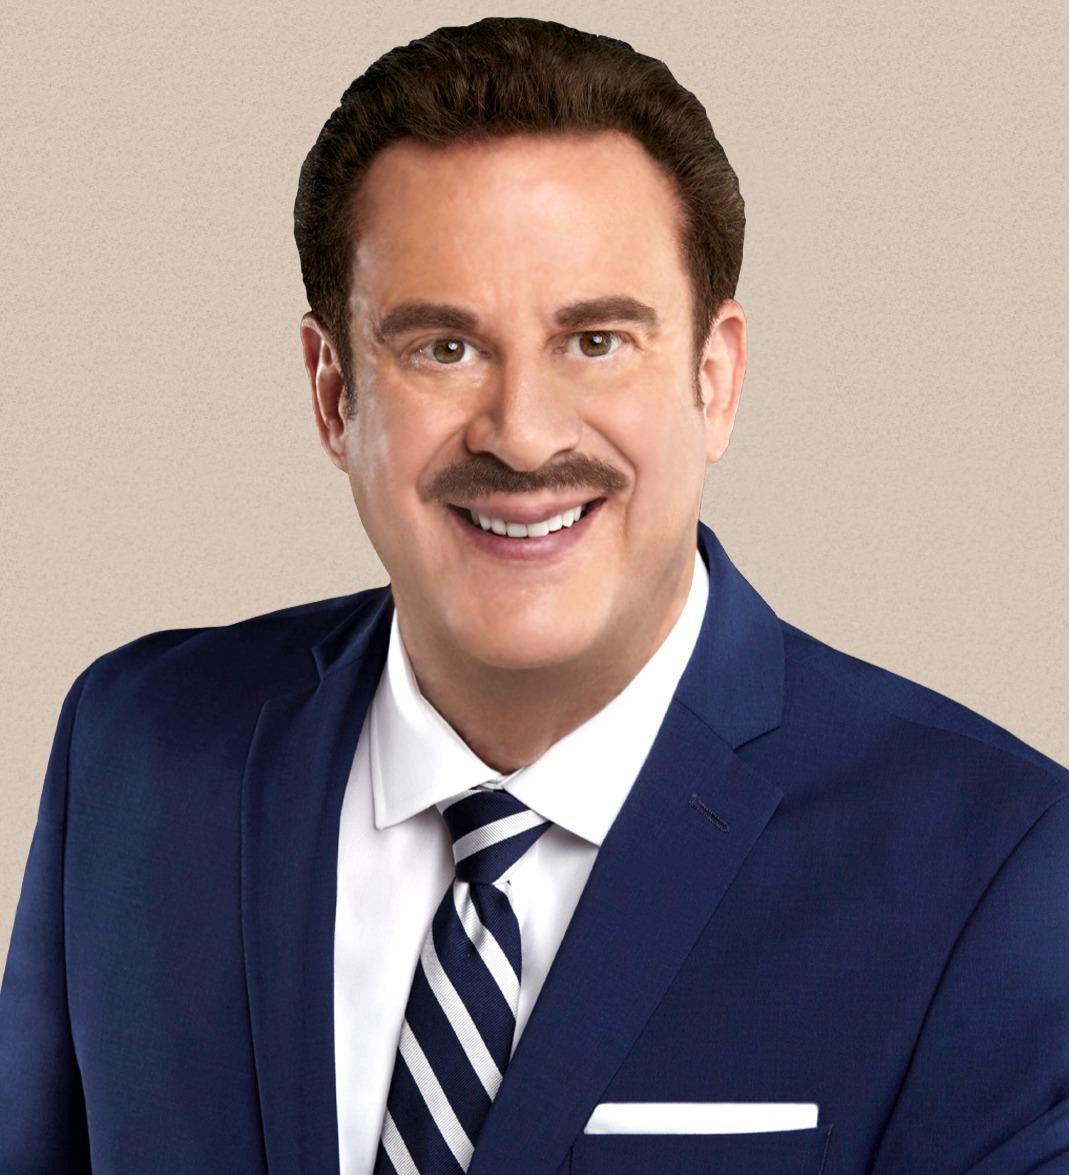 Juan J. Dominguez's Profile Image